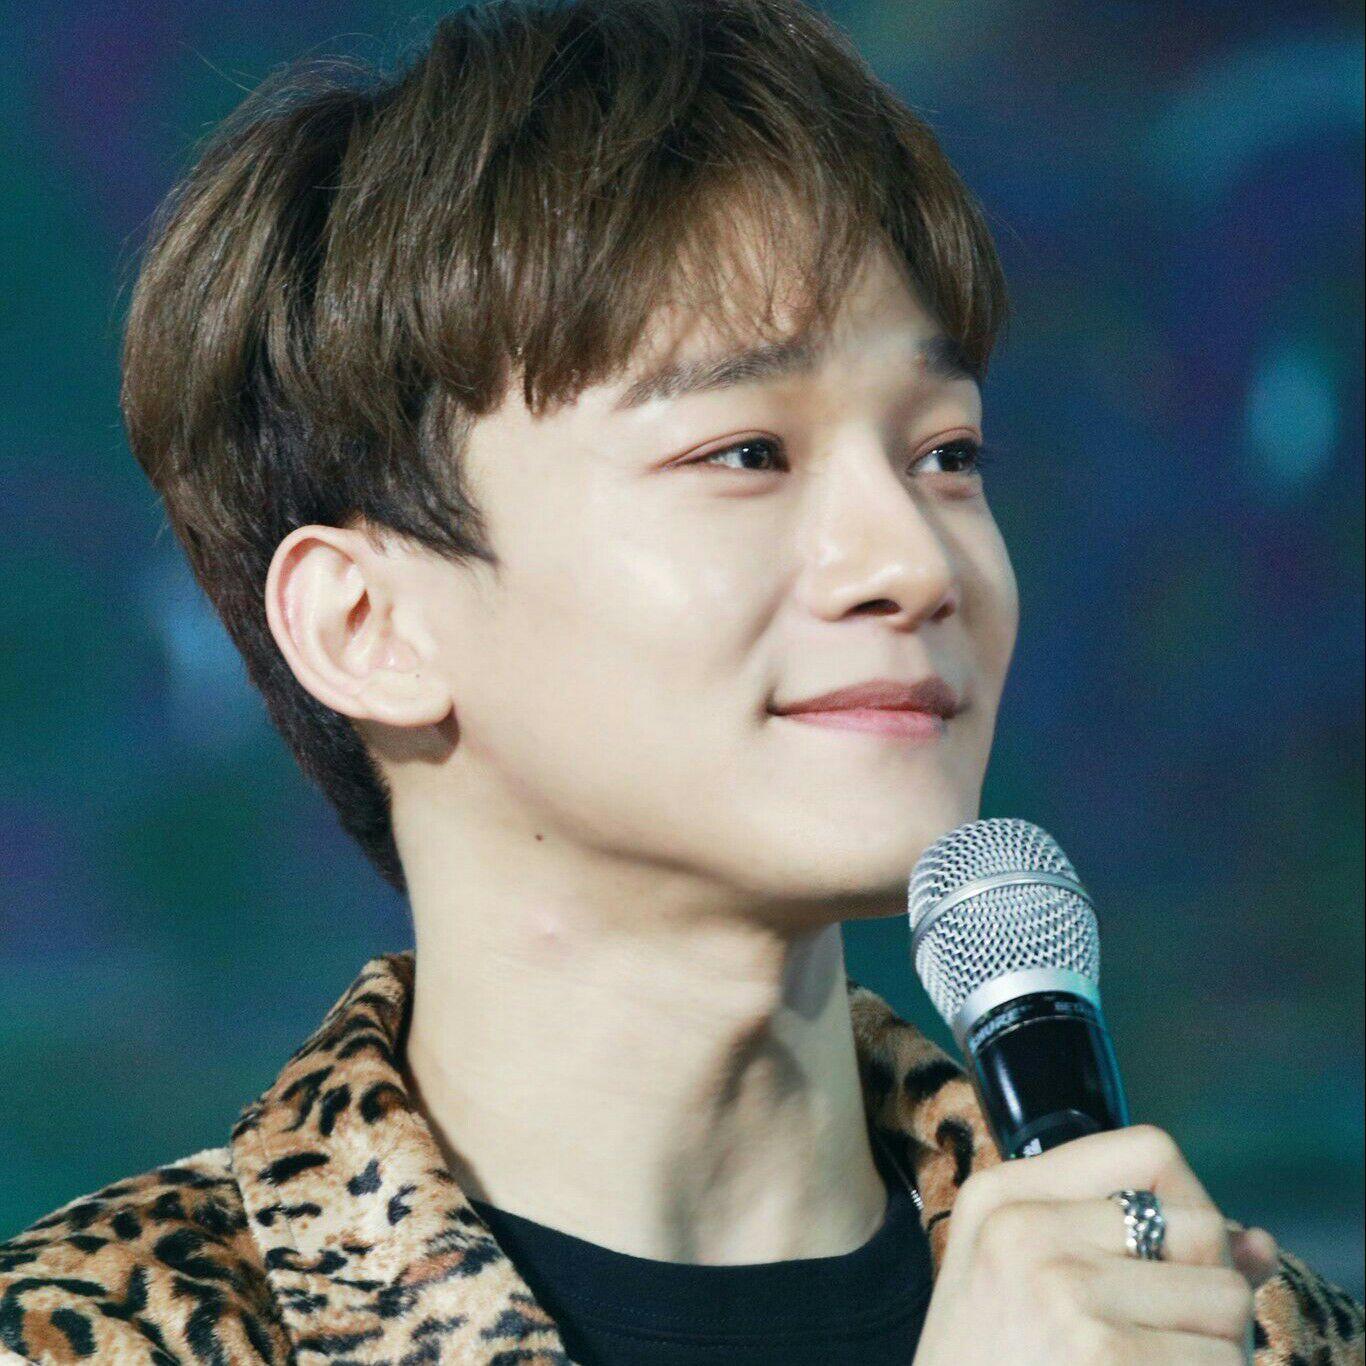 Chen de EXO sube un nuevo video a YouTube por primera vez ...